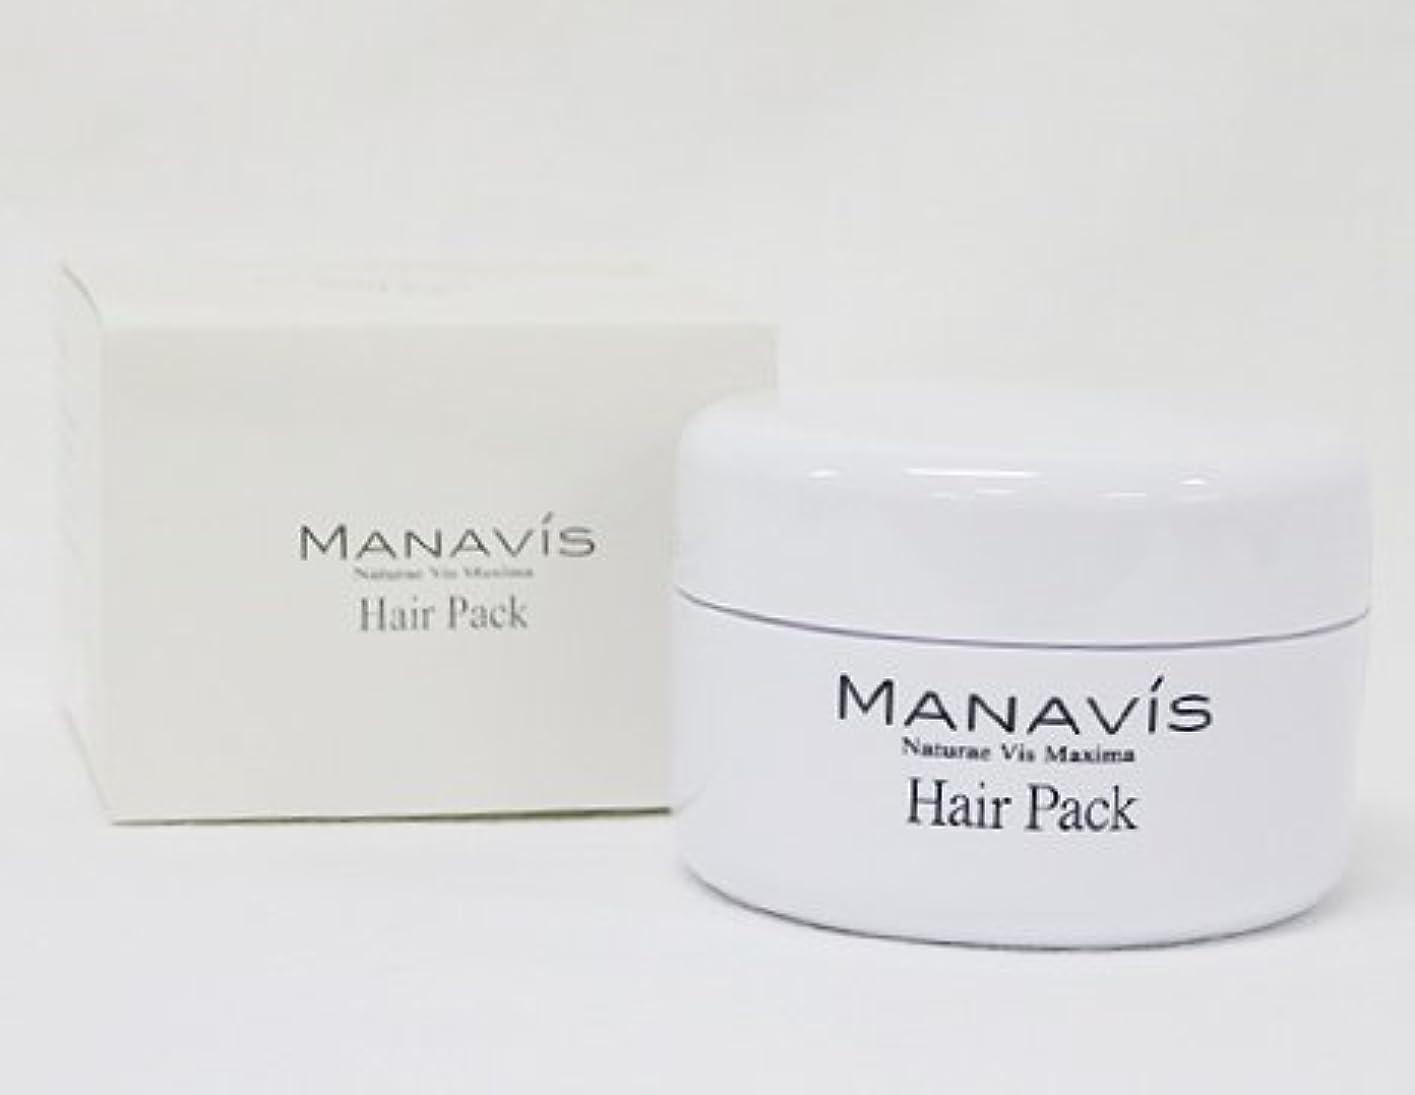 幅一生あえてMANAVIS マナビス化粧品 マナビス ヘアパック  (洗い流すタイプ)